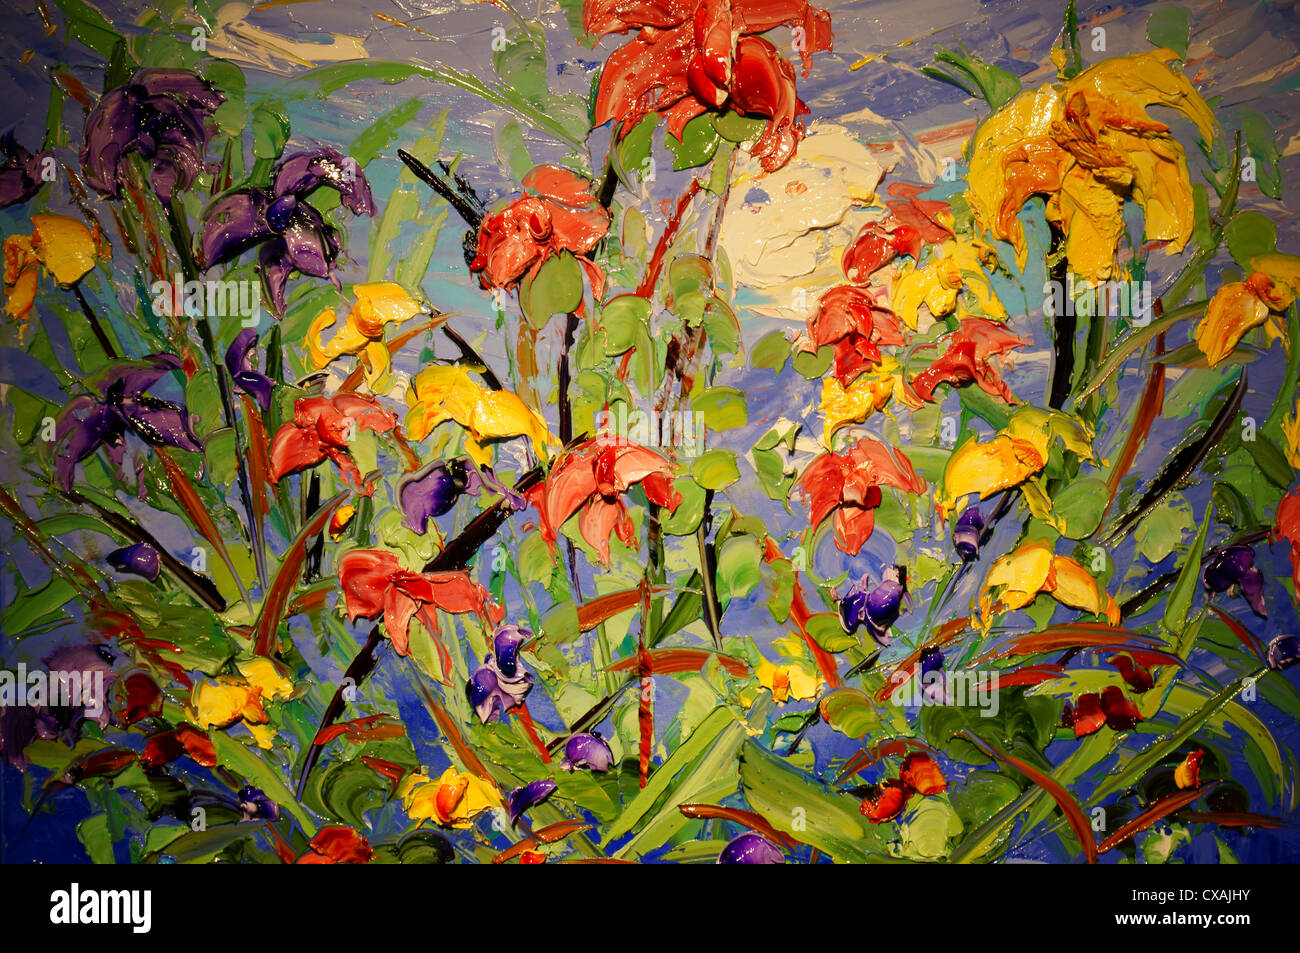 Olgemalde Flora Blumen Kunst Eignung Kunsthandwerk Handwerkskunst Kreativitat Kompetenz Fantasie Stockfotografie Alamy